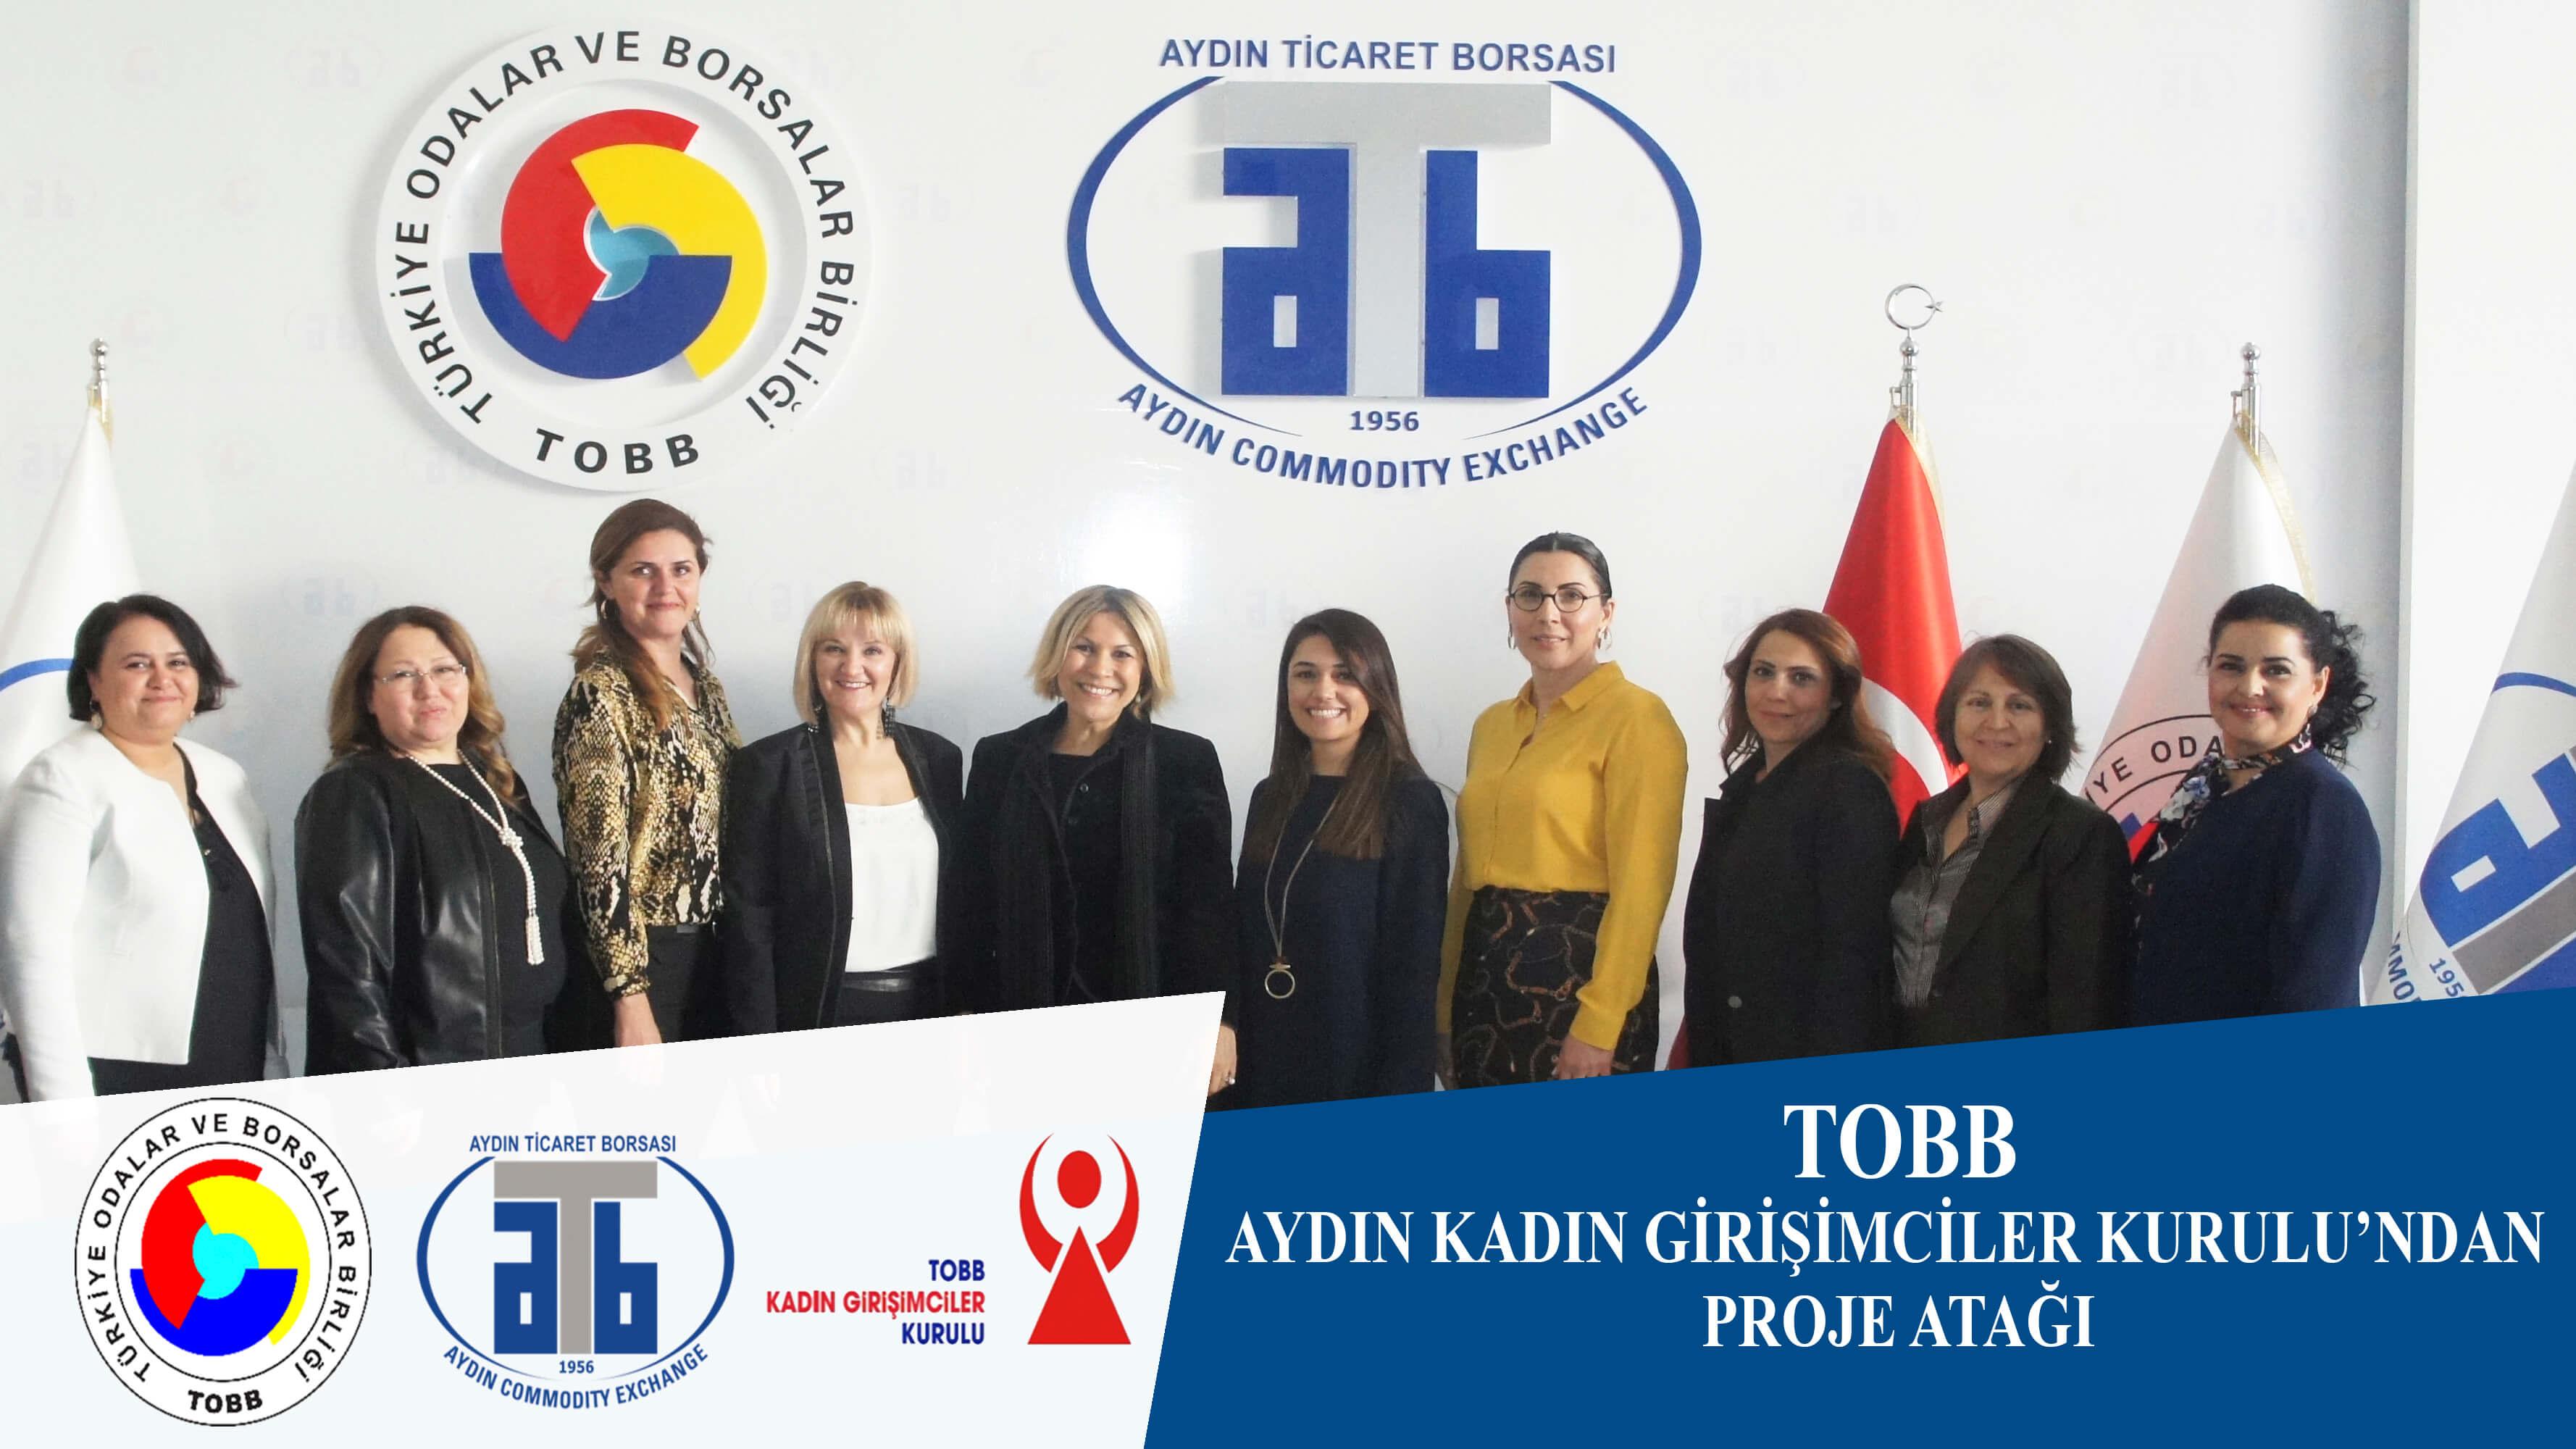 29.03.2021 TOBB Aydın Kadın Girişimciler Kurulu'ndan Proje Atağı